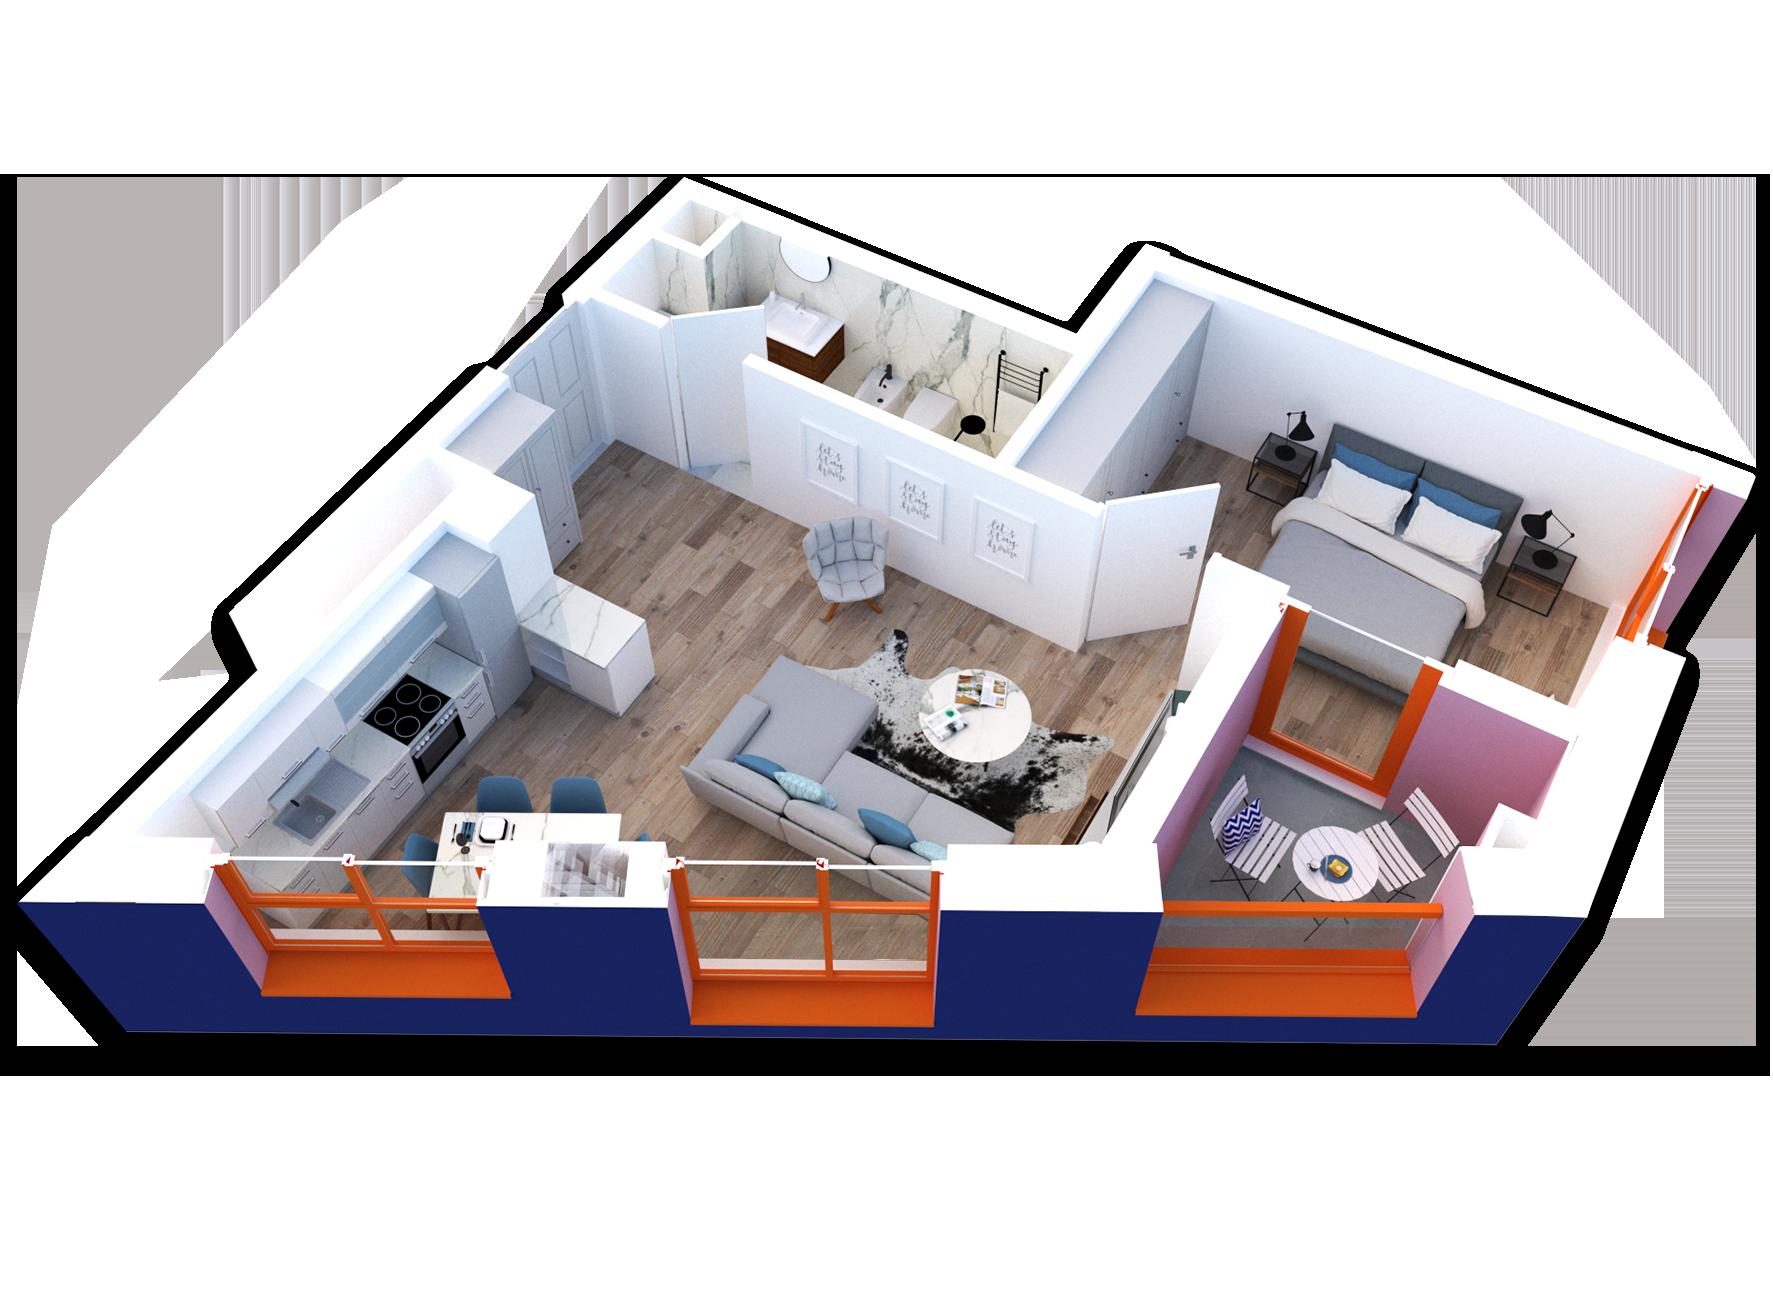 Apartament 1+1 në shitje në Tiranë - Mangalem 21 Shkalla 21 Kati 5